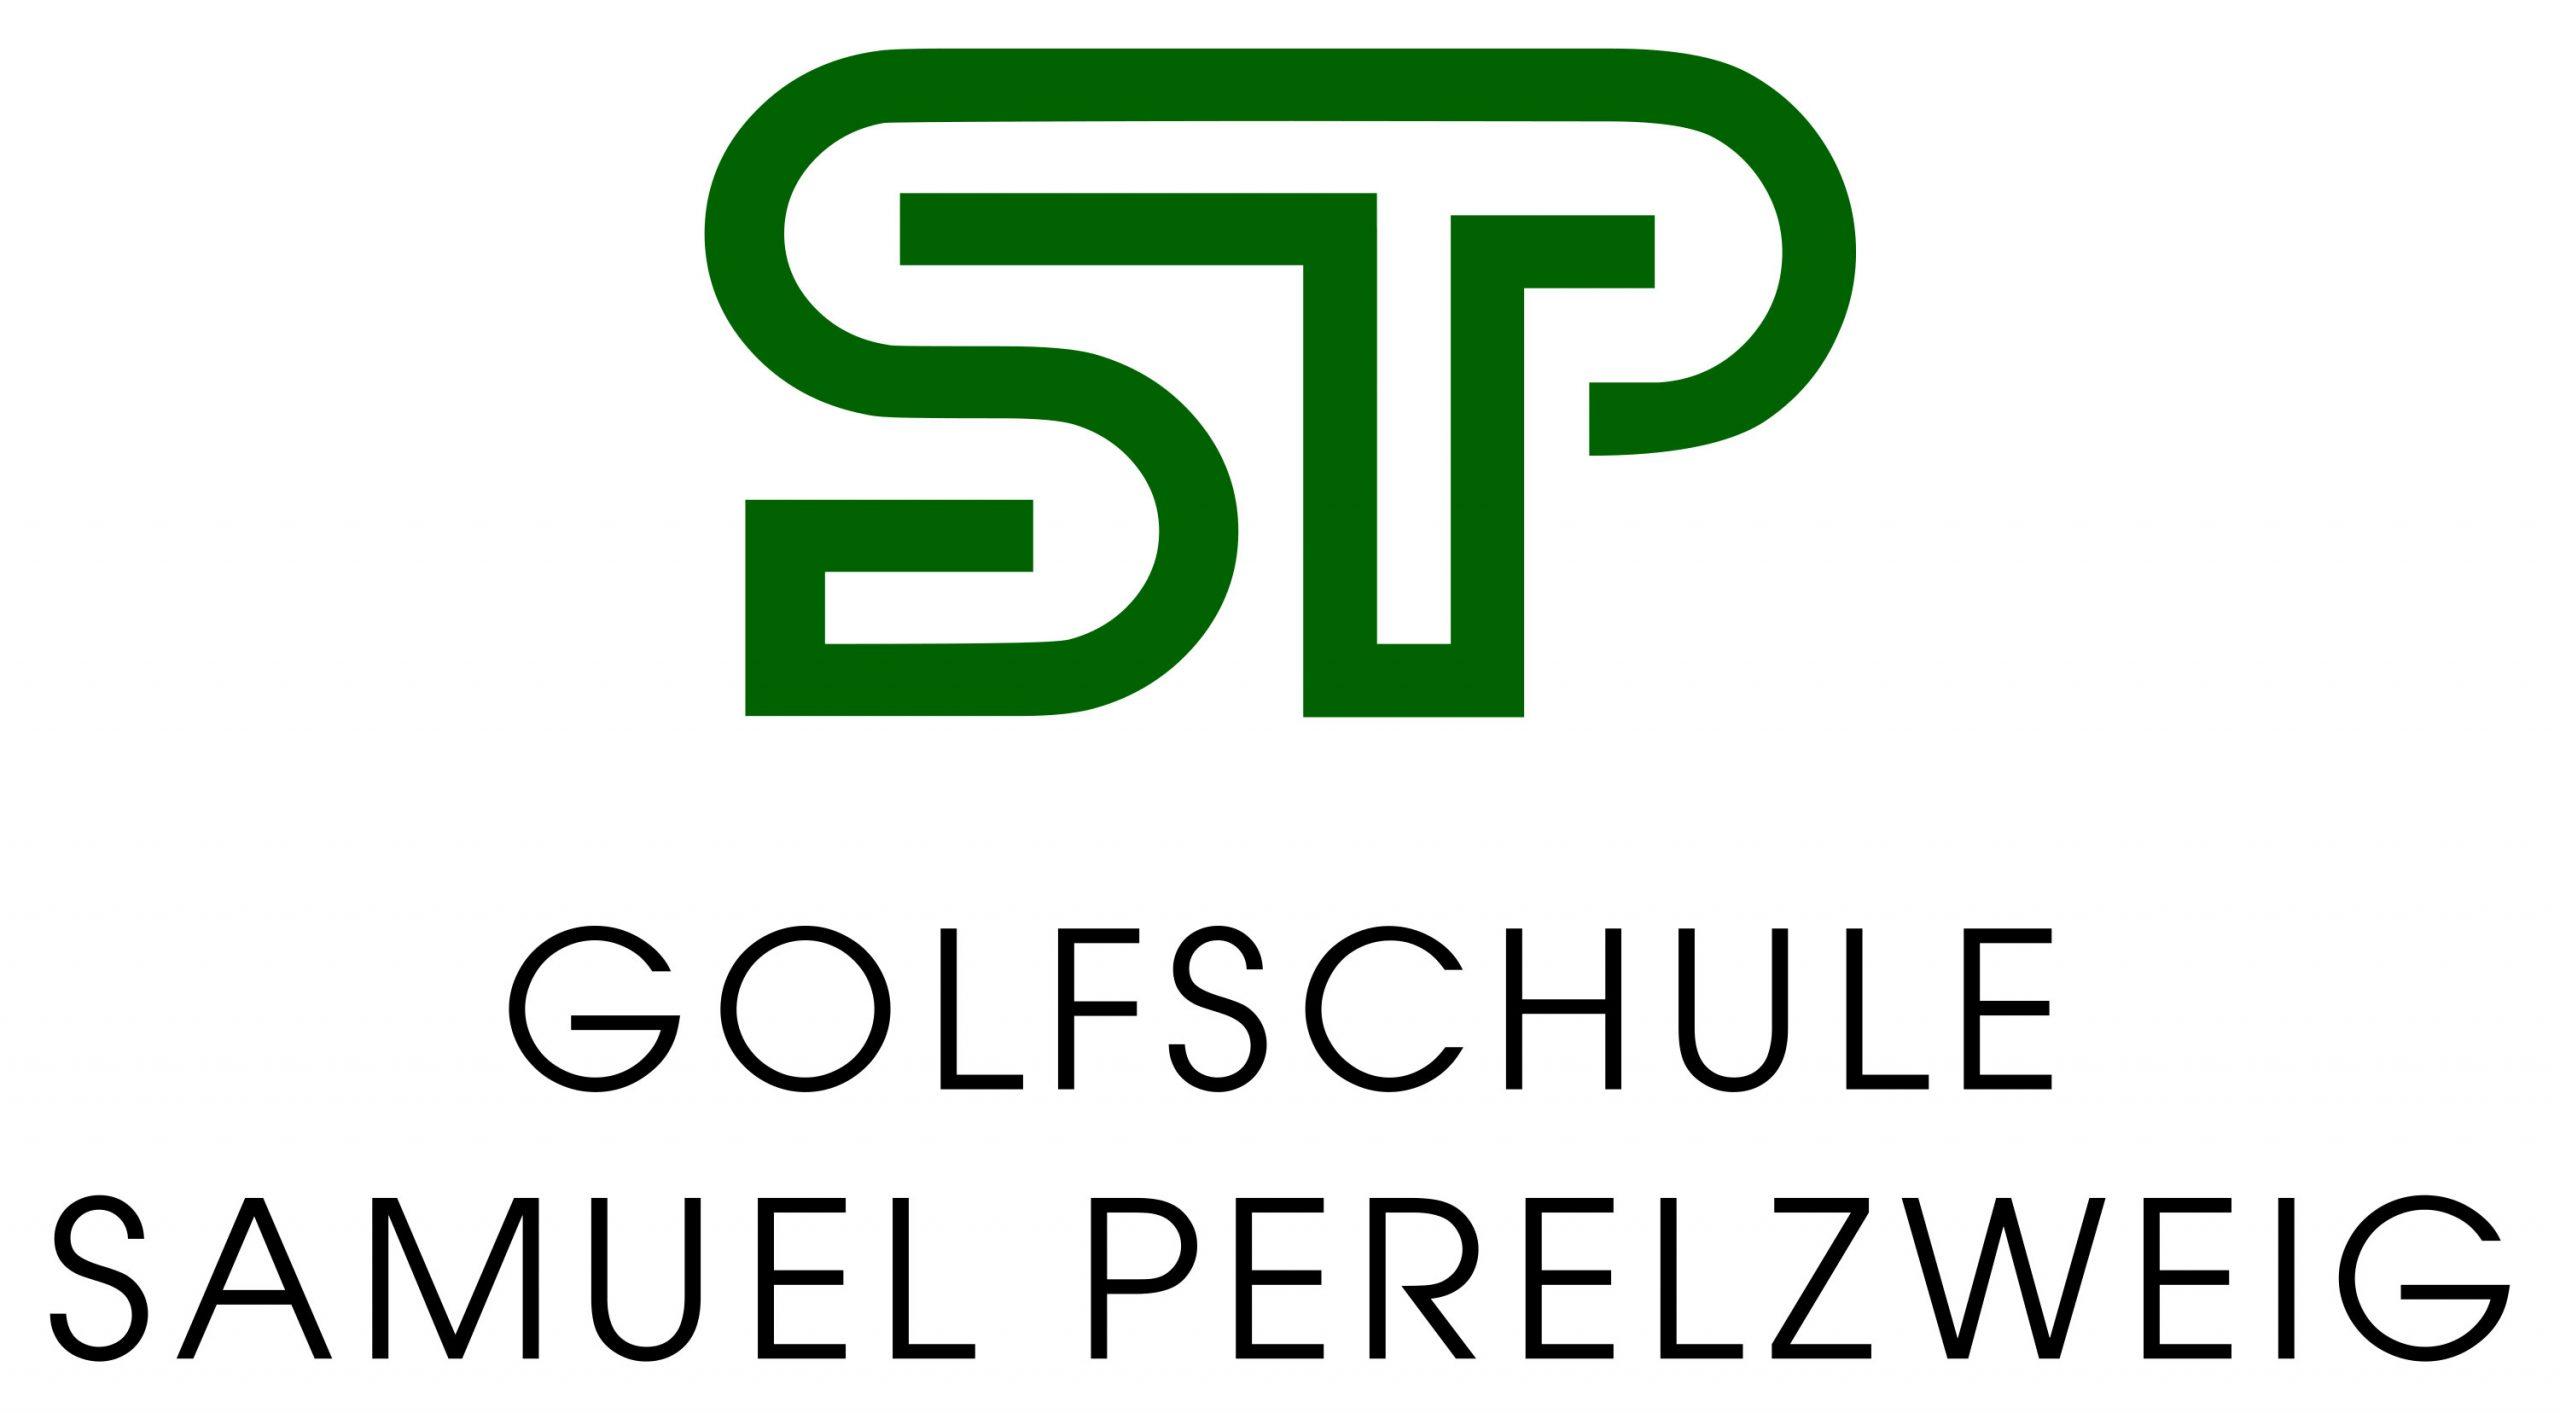 Golfschule Samuel Perelzweig